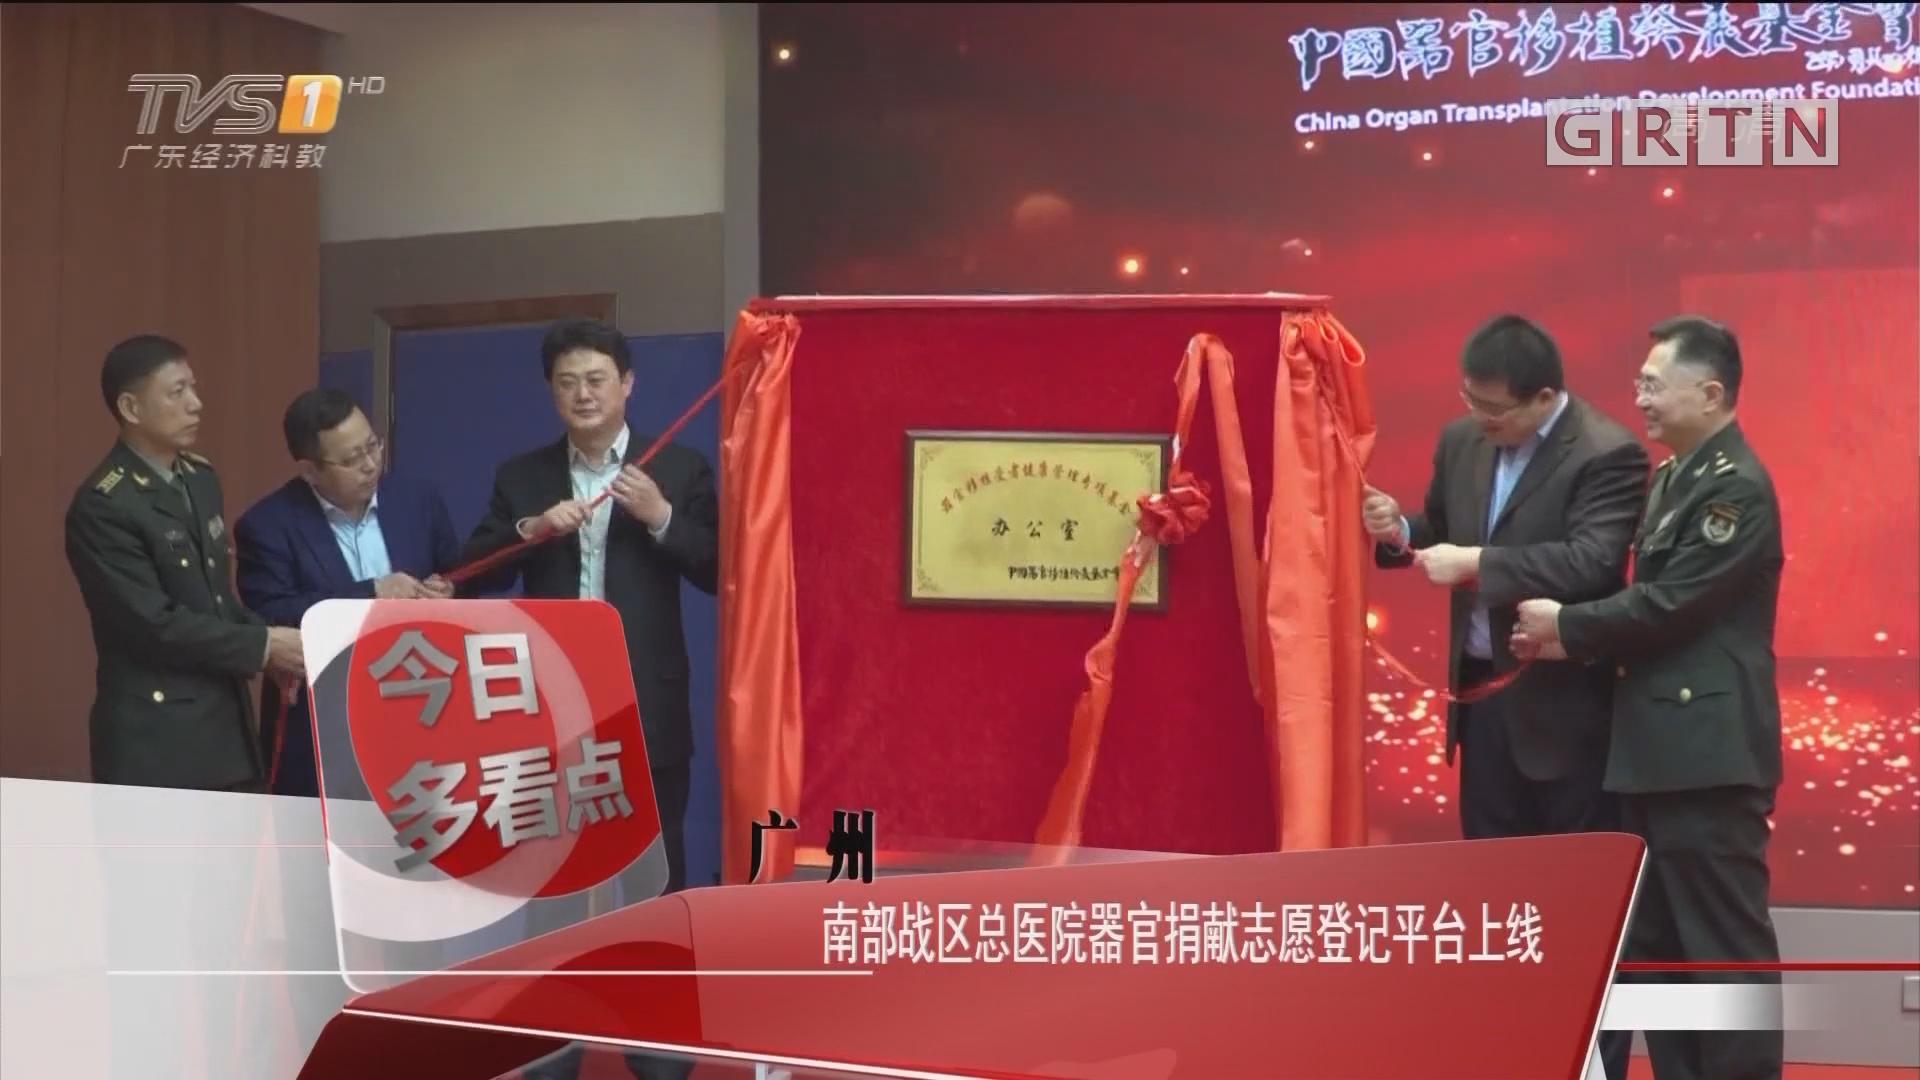 广州:南部战区总医院器官捐献志愿登记平台上线